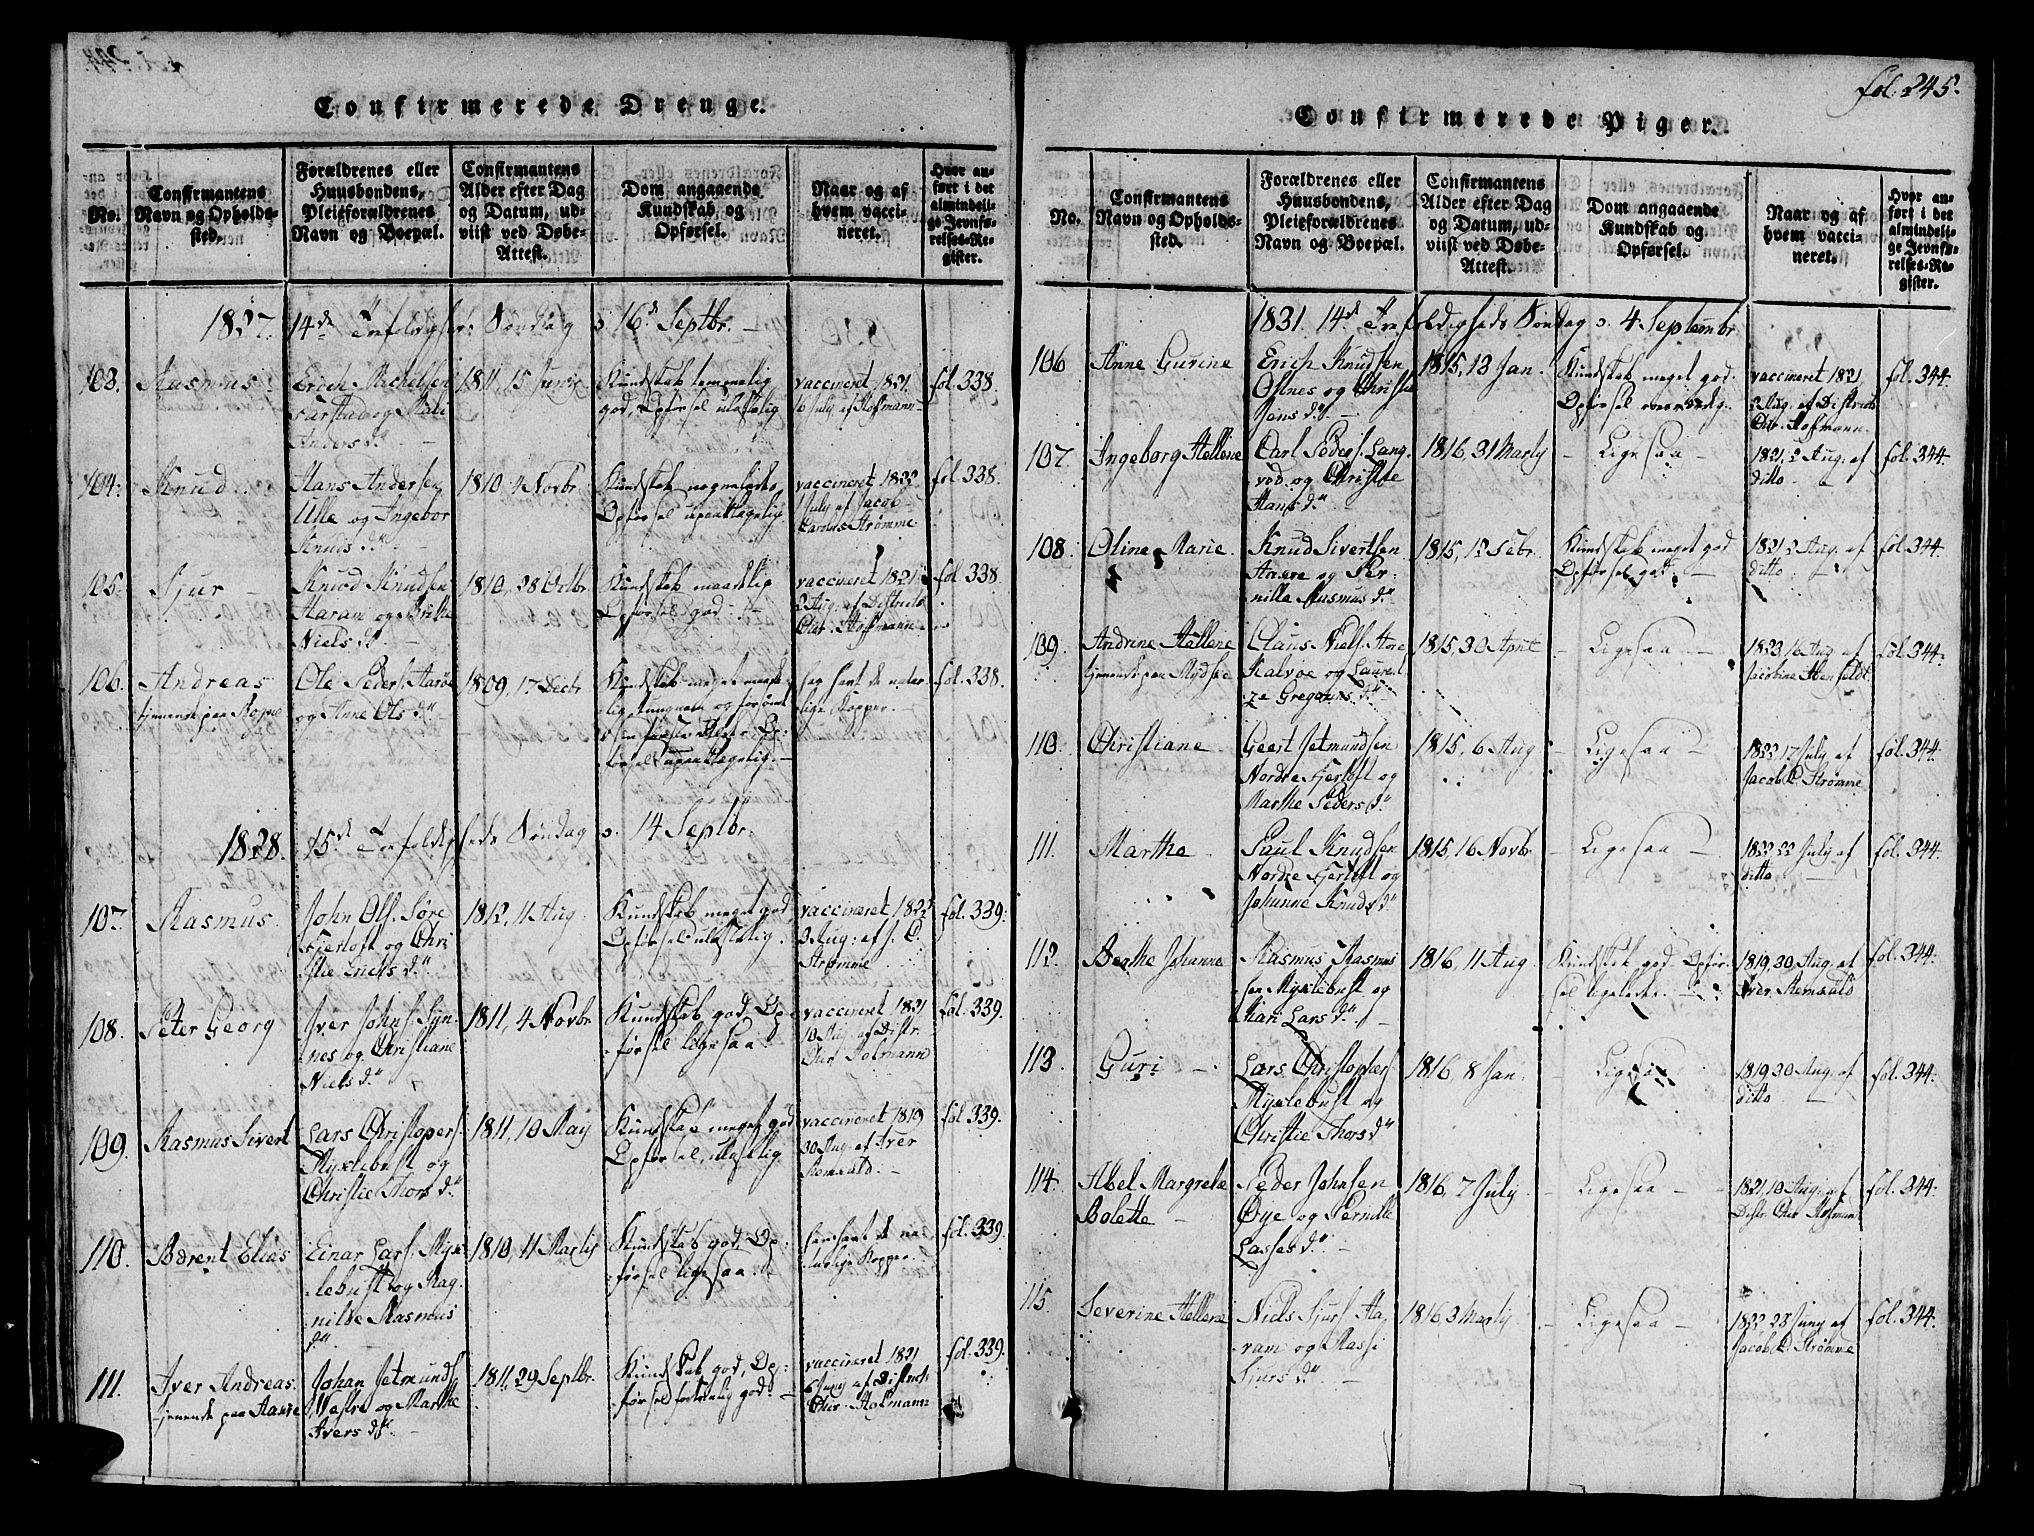 SAT, Ministerialprotokoller, klokkerbøker og fødselsregistre - Møre og Romsdal, 536/L0495: Ministerialbok nr. 536A04, 1818-1847, s. 245